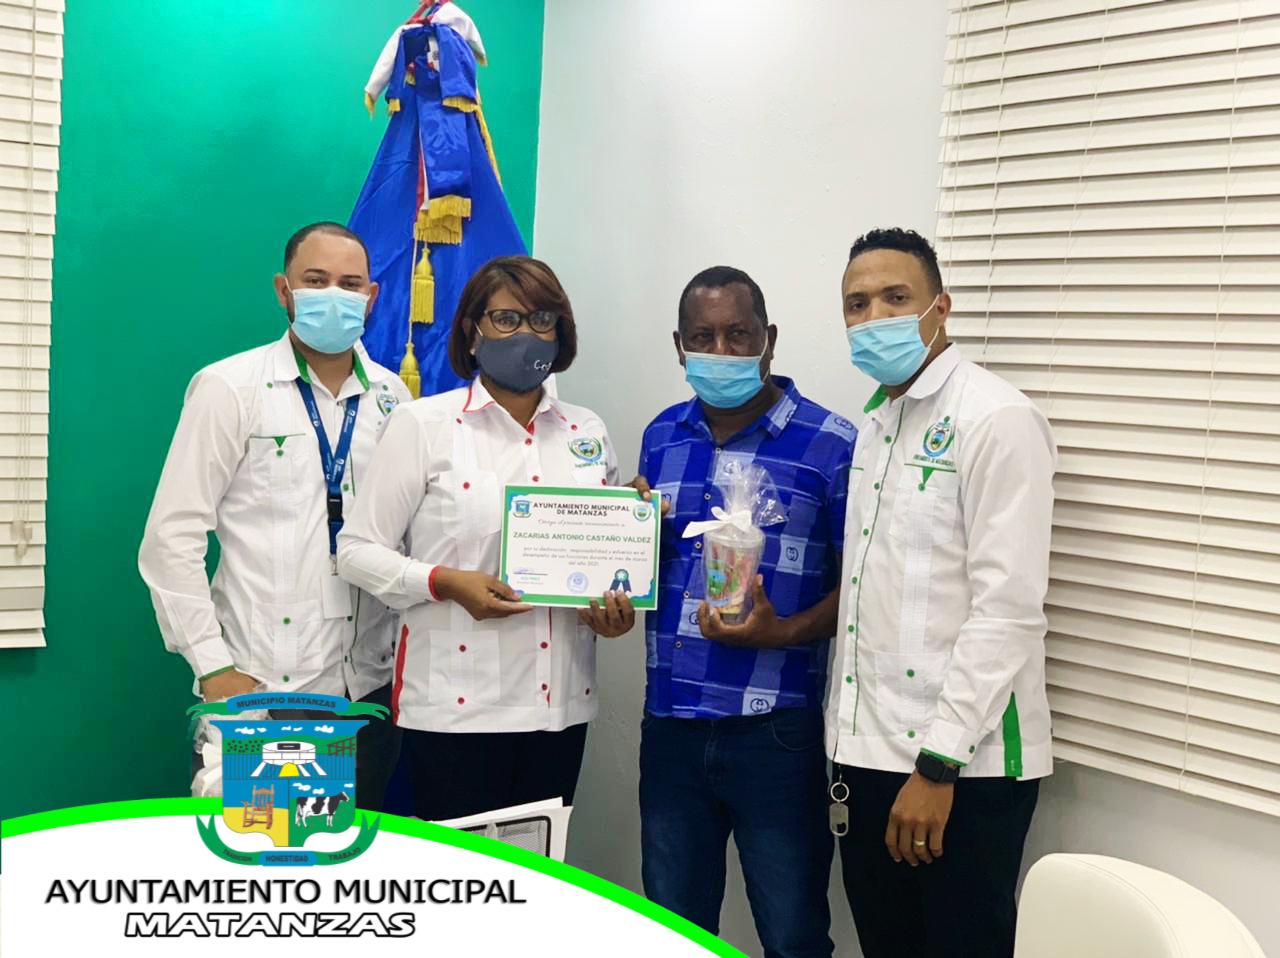 Seguimos premiando y reconociendo el trabajo de los empleados del Ayuntamiento.